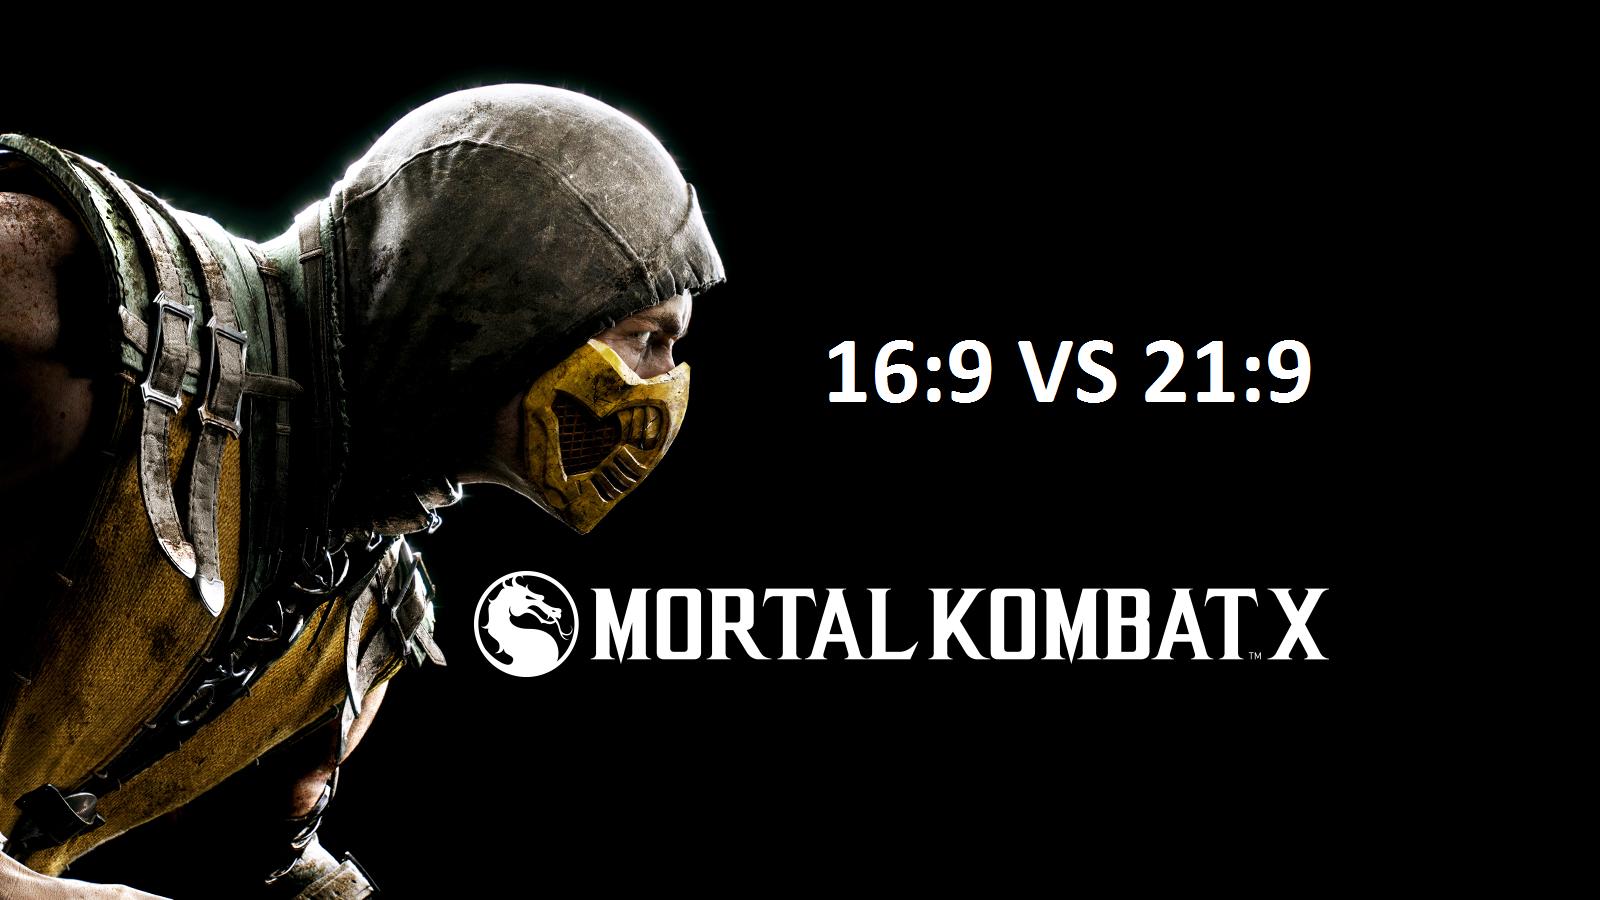 Mortal Kombat X - 16:9 vs 21:9 - Изображение 1